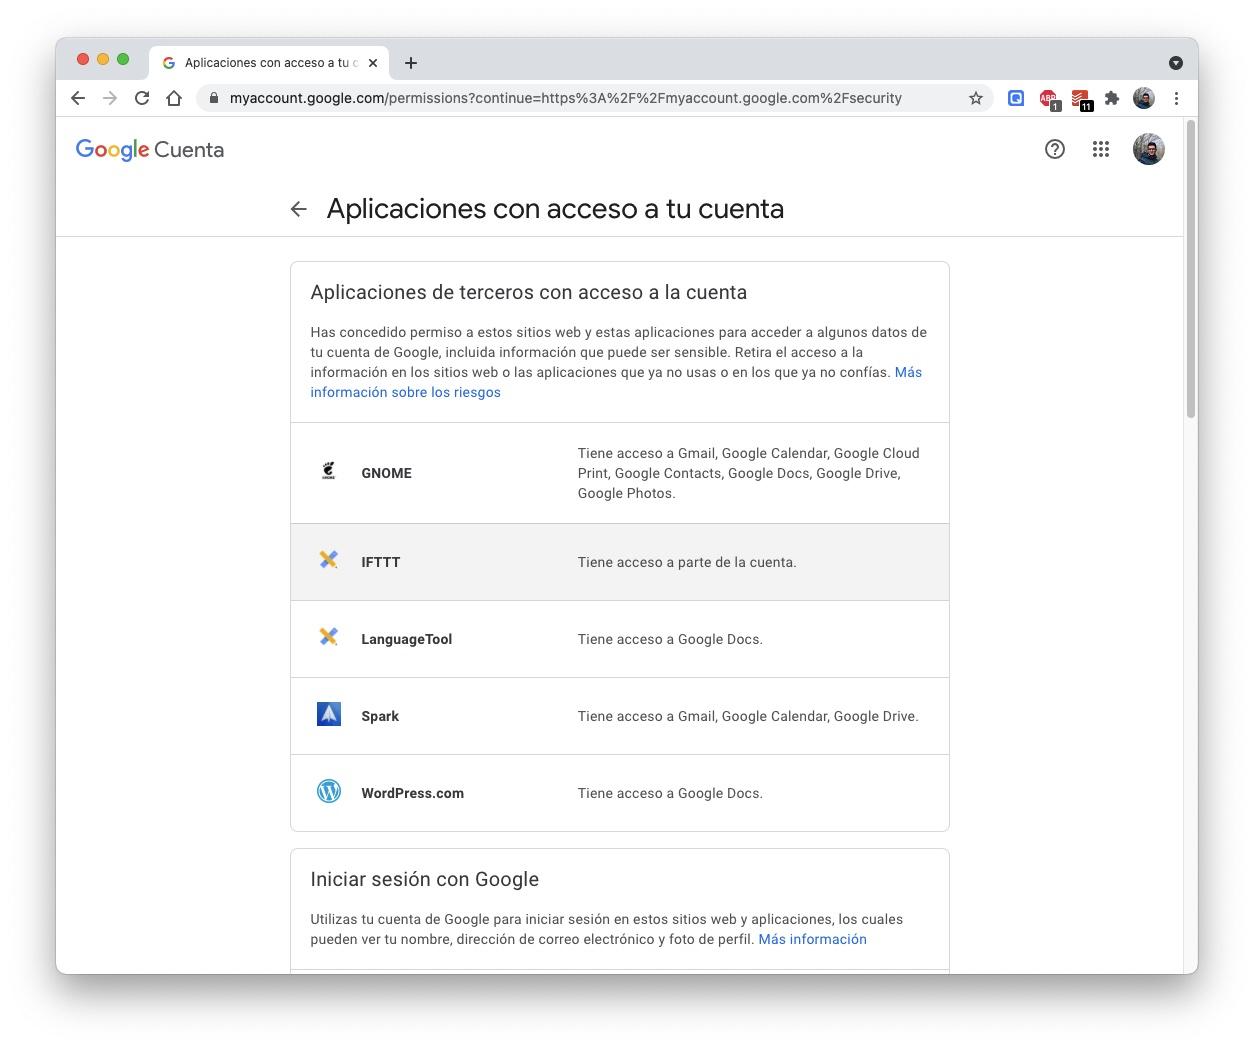 Cuenta de Google: ajustes imprescindibles para mejorar la seguridad 2